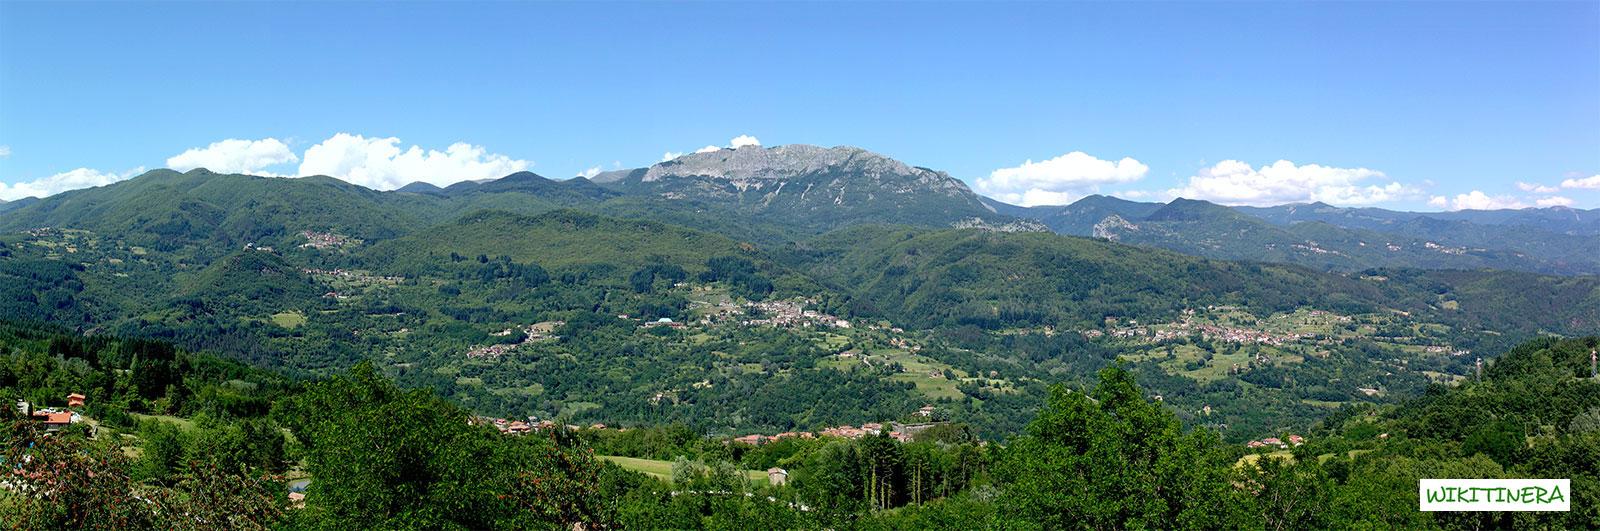 Paesaggio da Vitoio